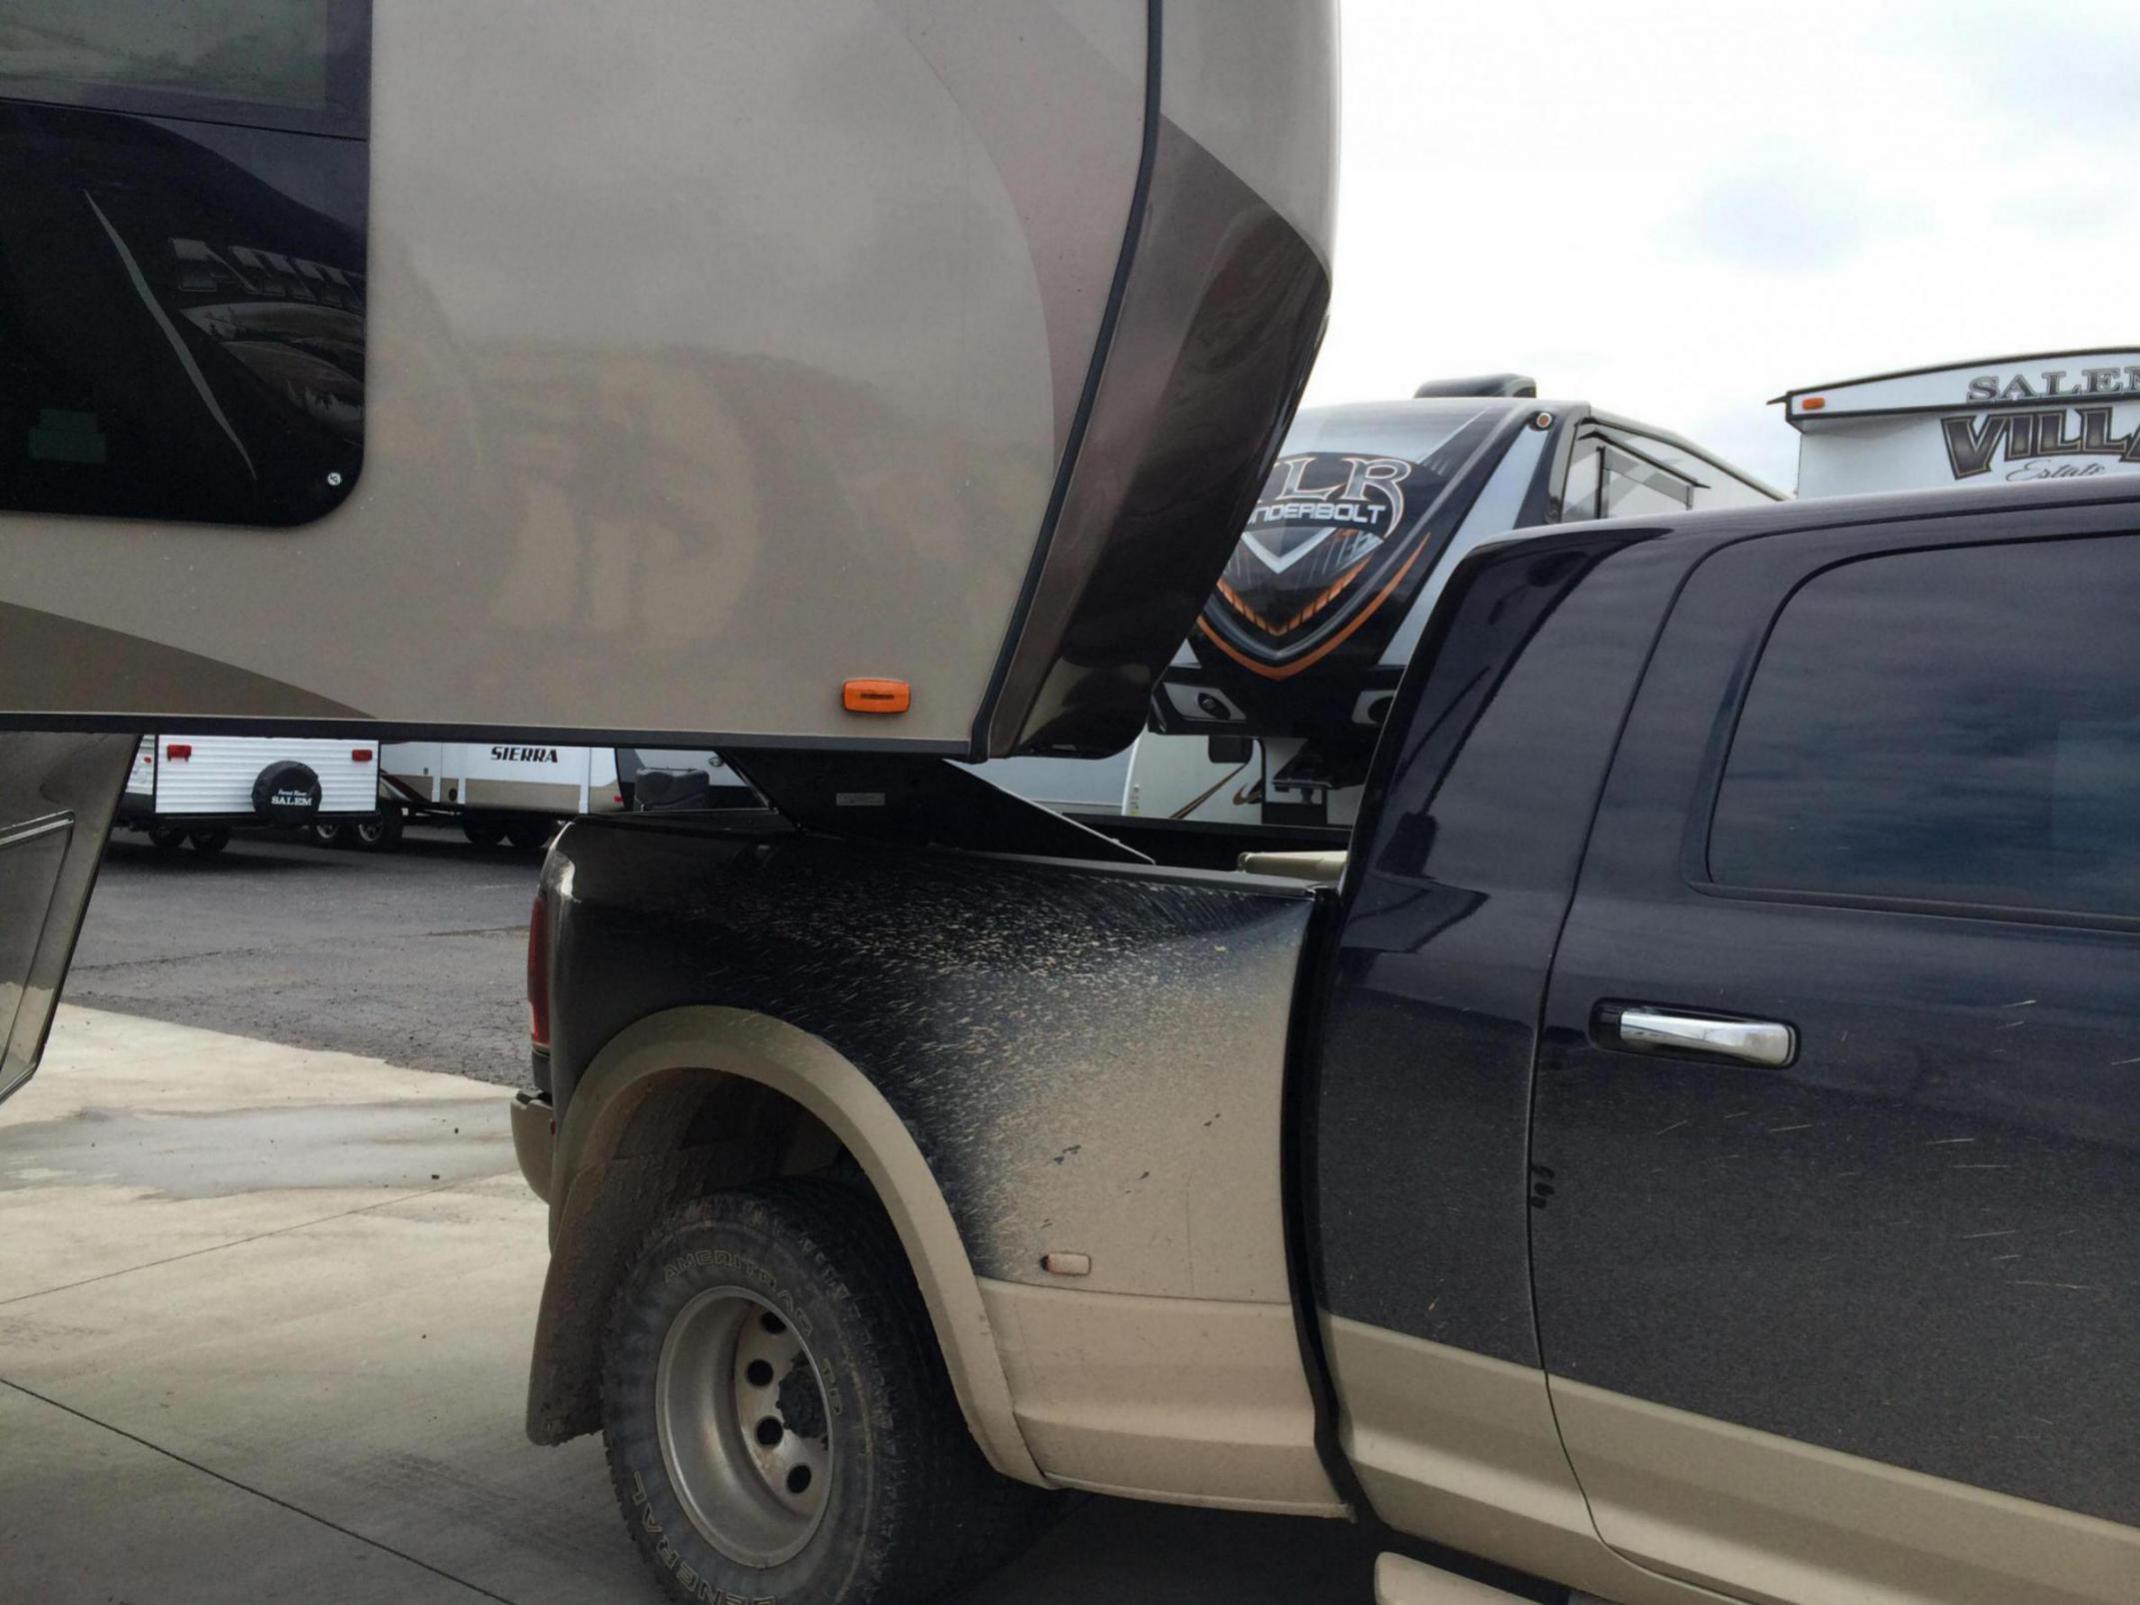 Update Towing 5th Wheel W Megacab Shortbed Dodge Cummins Diesel Forum